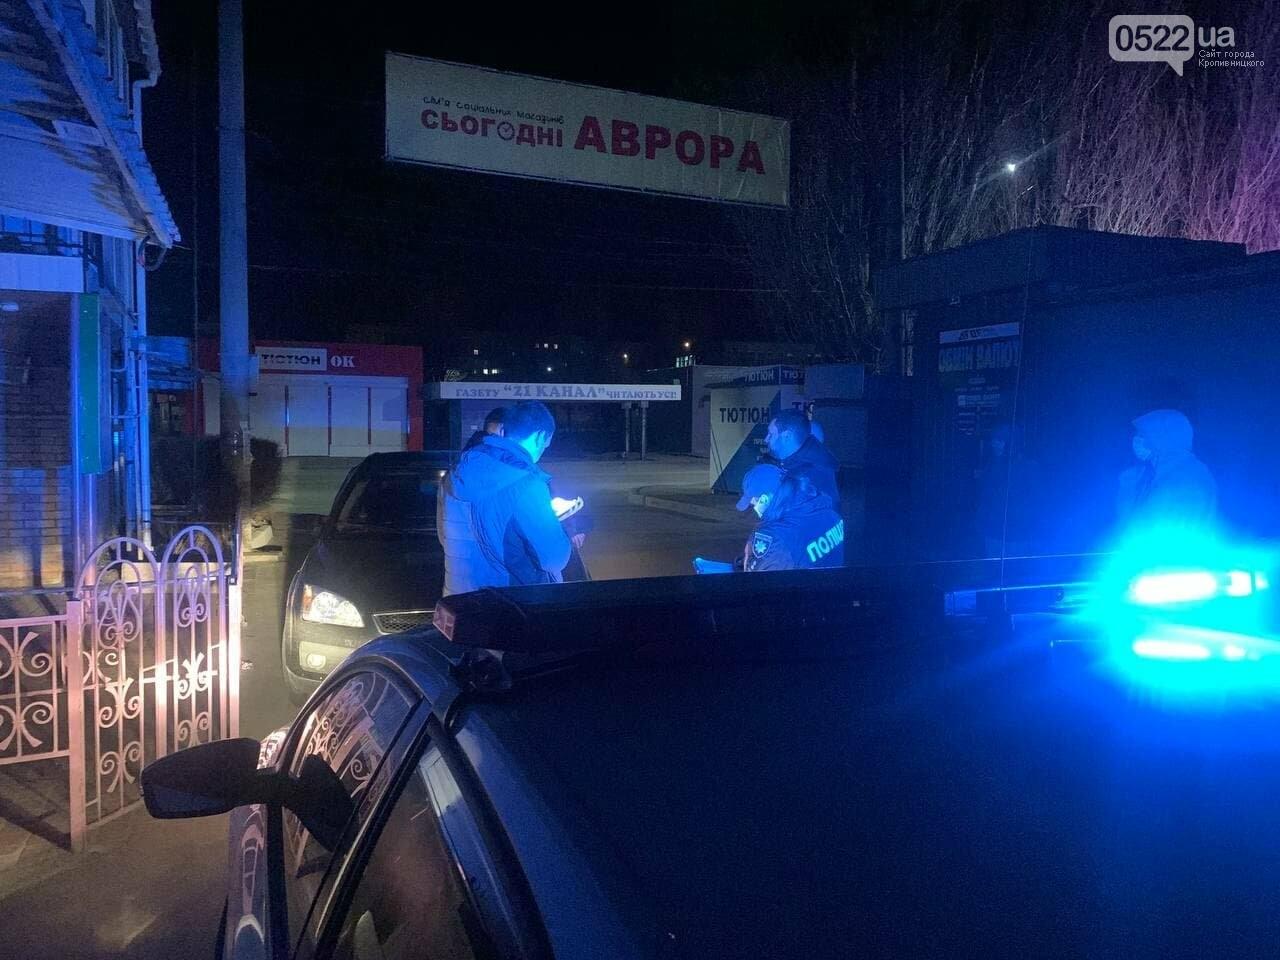 У затриманого поліцією водія норма алкоголю в крові перевищена в 10 разів, фото-1